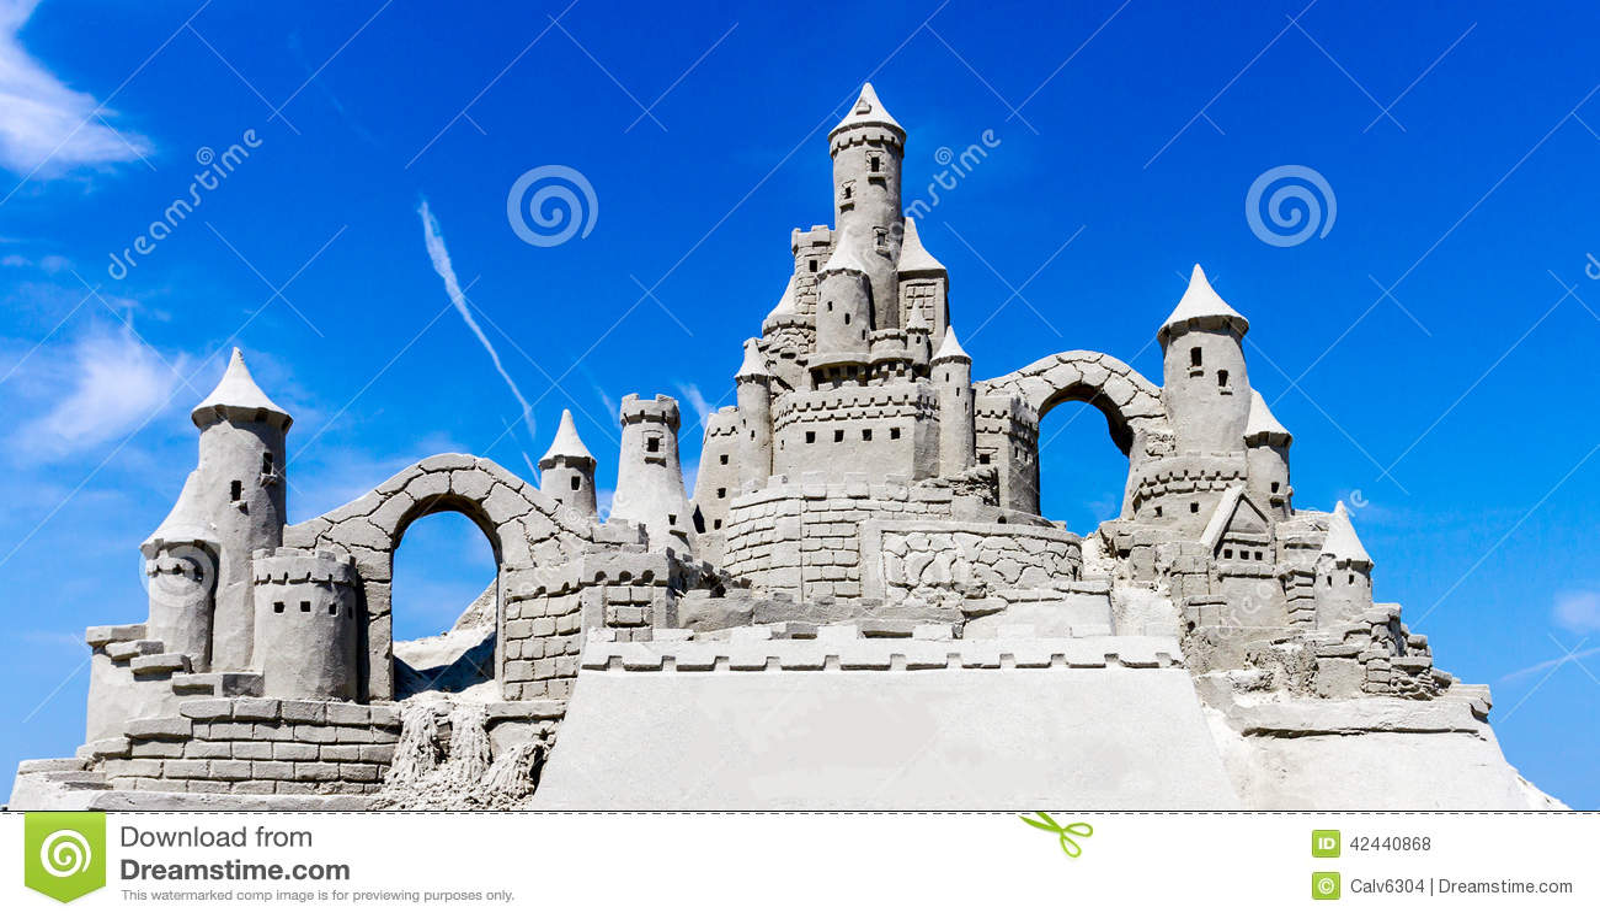 Cielo azul del castillo de arena